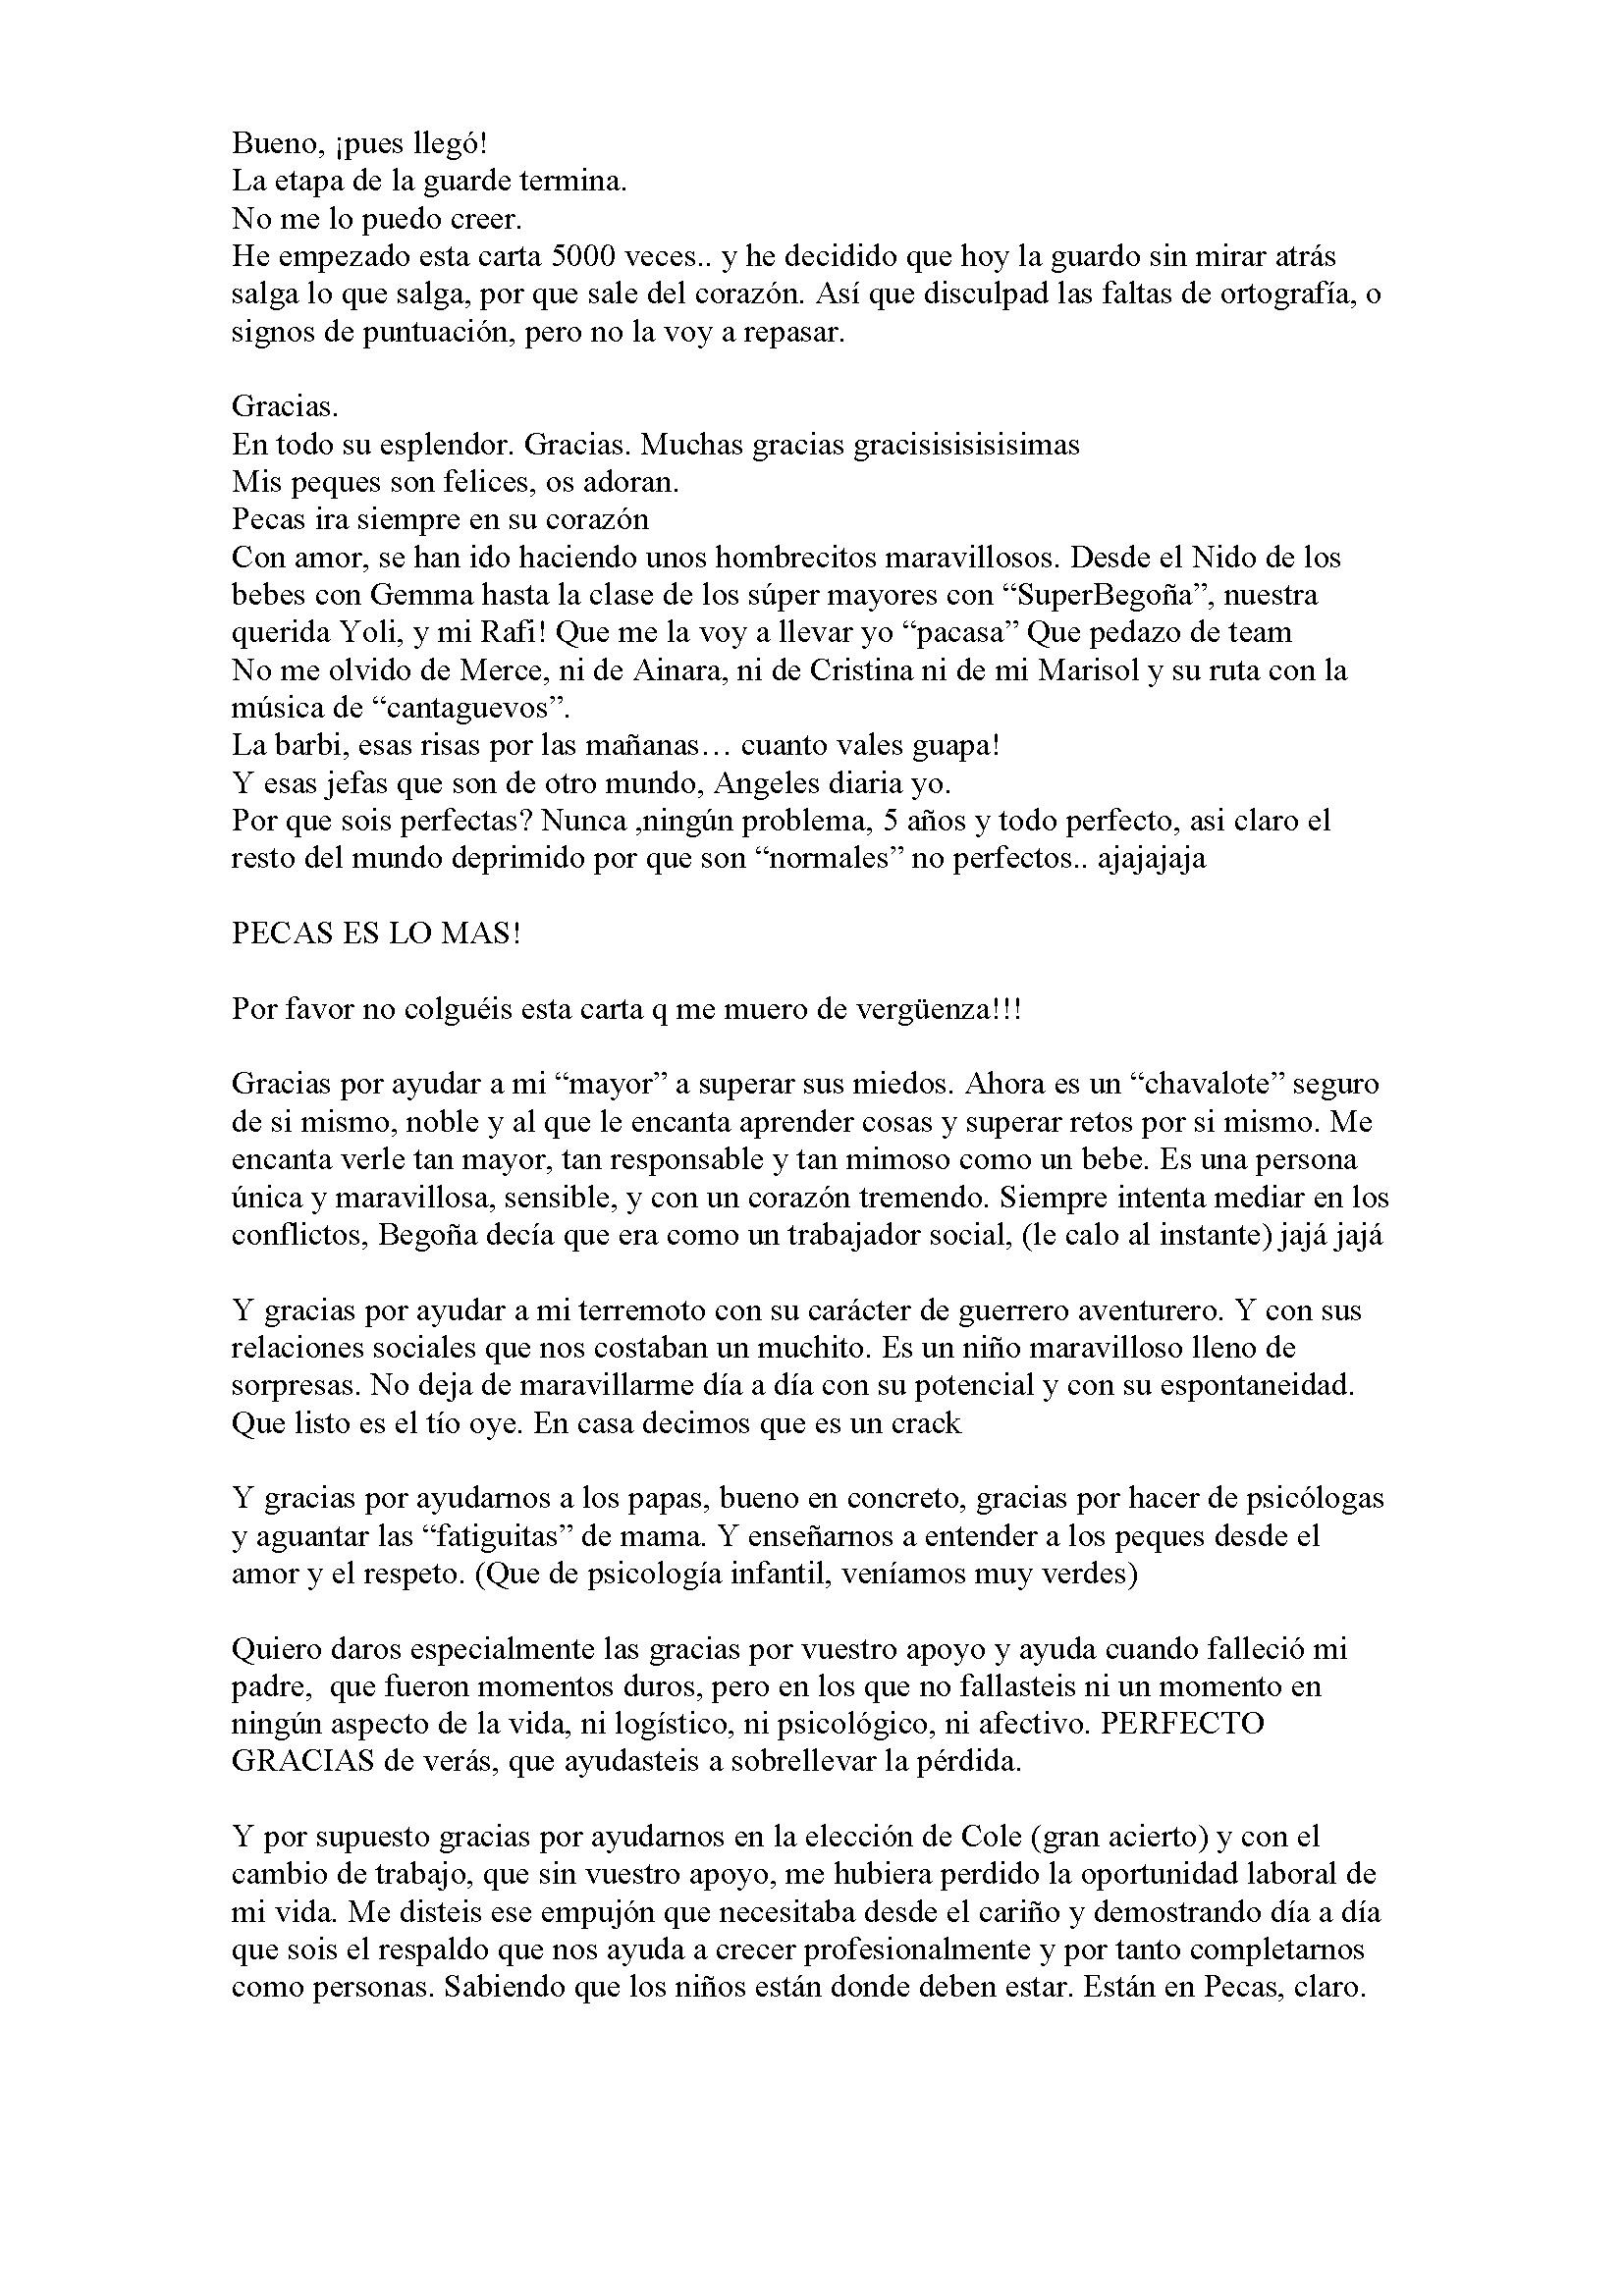 carta_pecas_Página_1